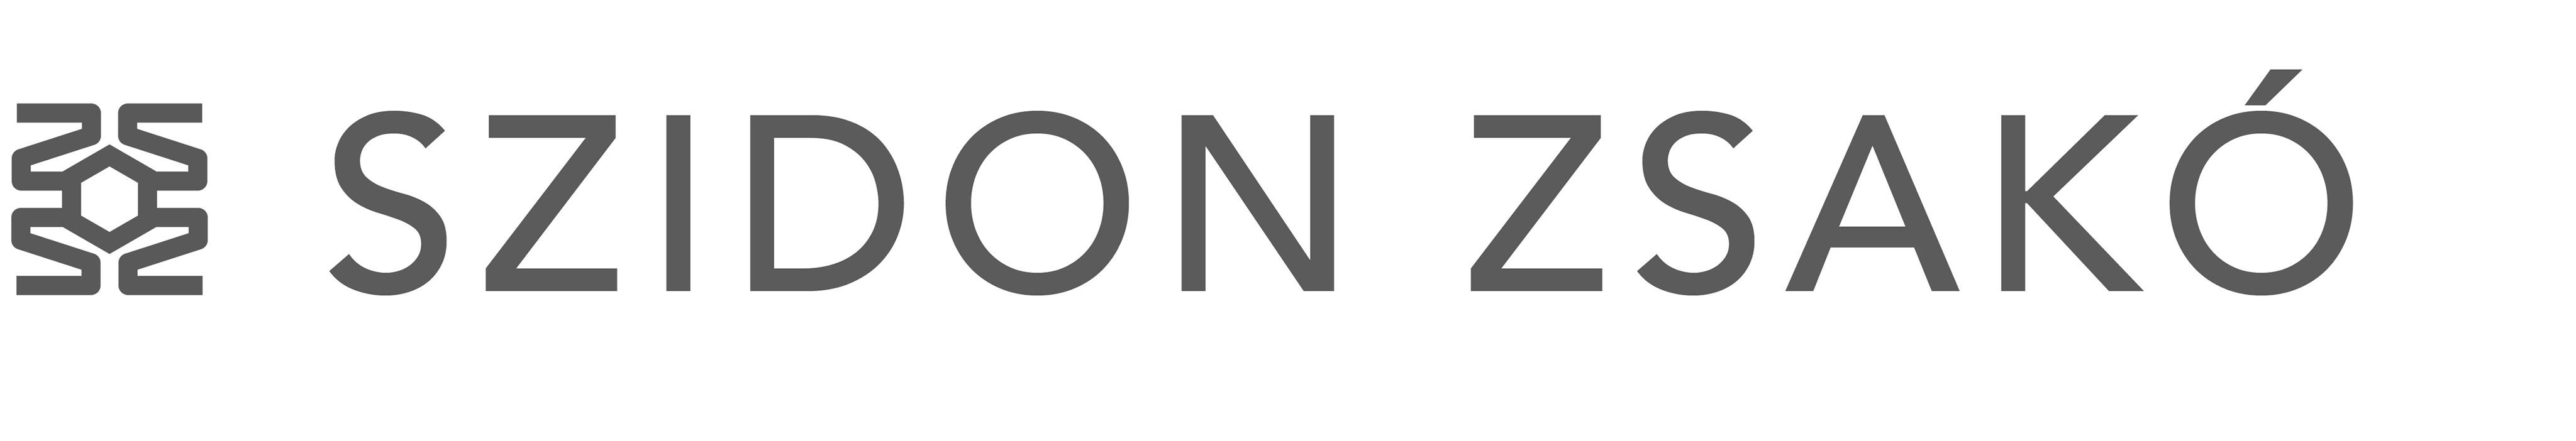 SZIDON ZSAKÓ